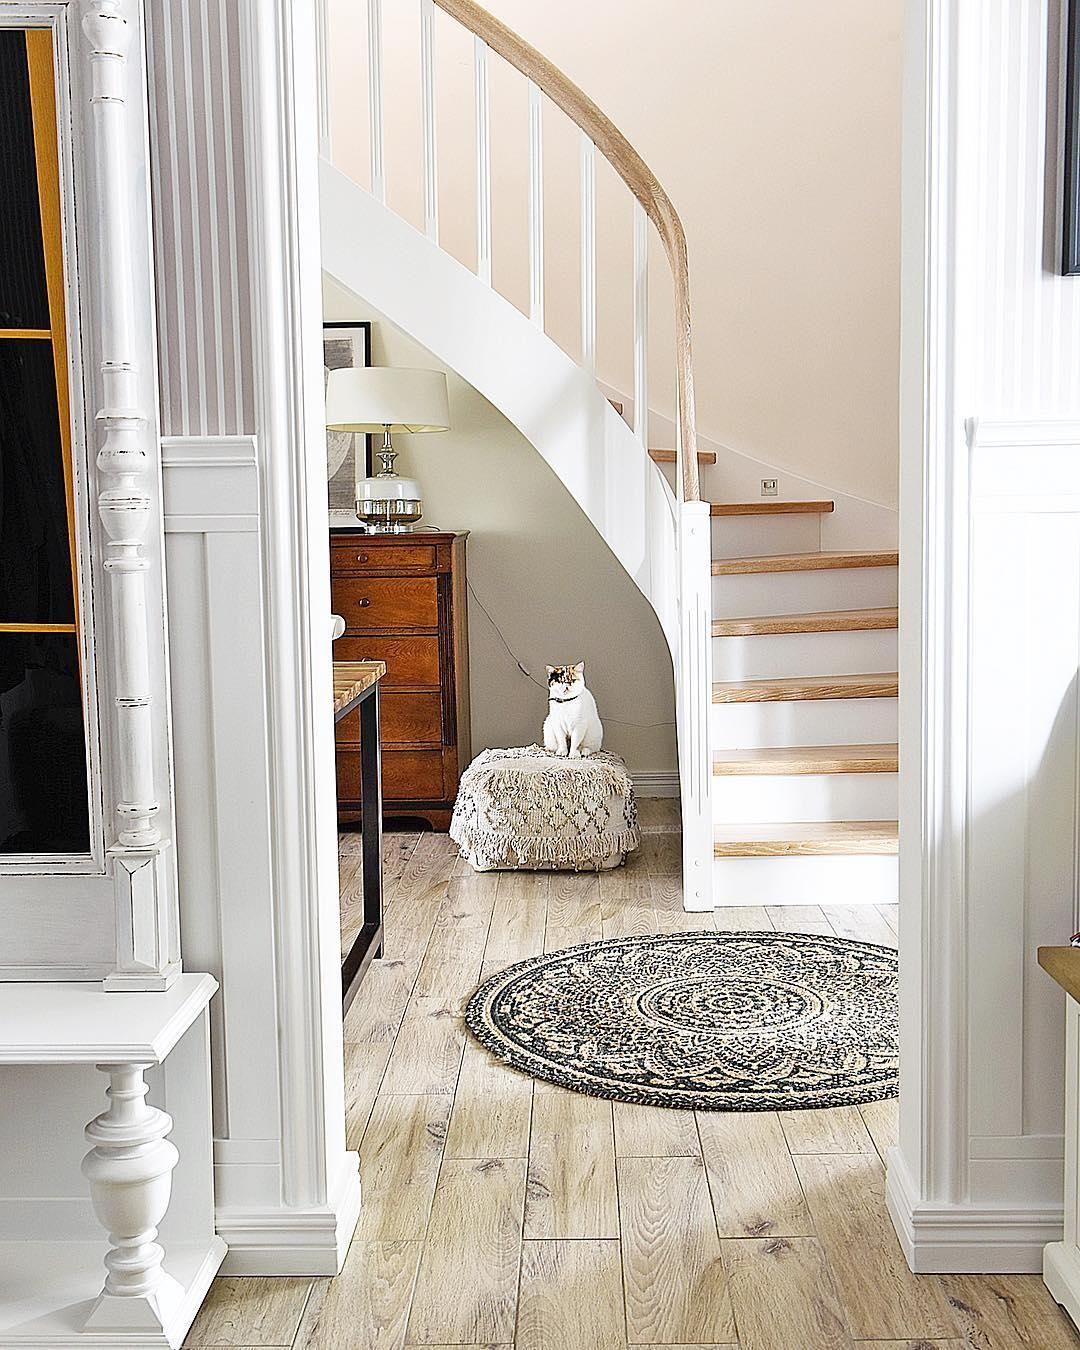 runde teppiche great kleine runde teppiche sehen so s aus. Black Bedroom Furniture Sets. Home Design Ideas